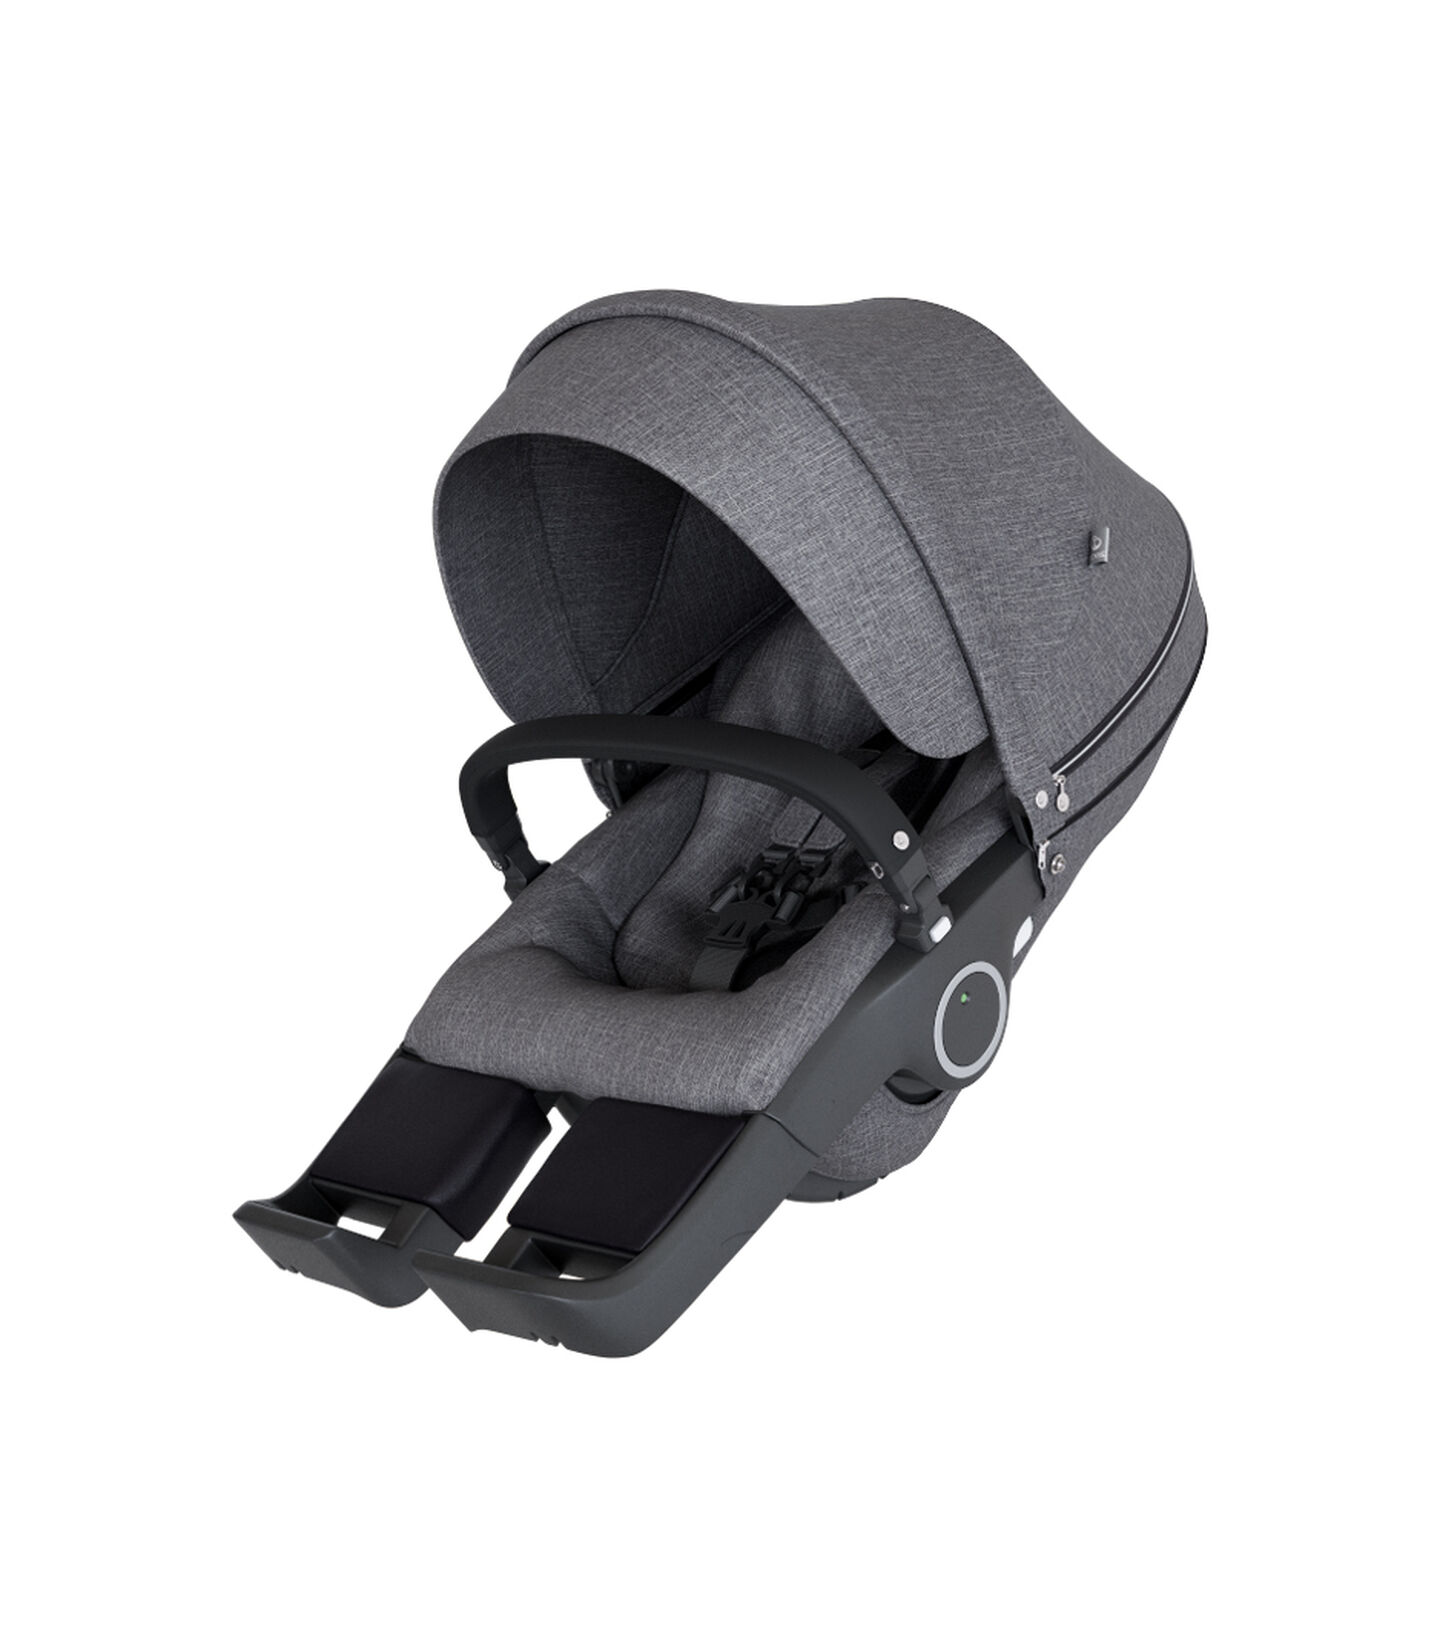 Stokke® Stroller Seat Complete Black Melange, Black Melange, mainview